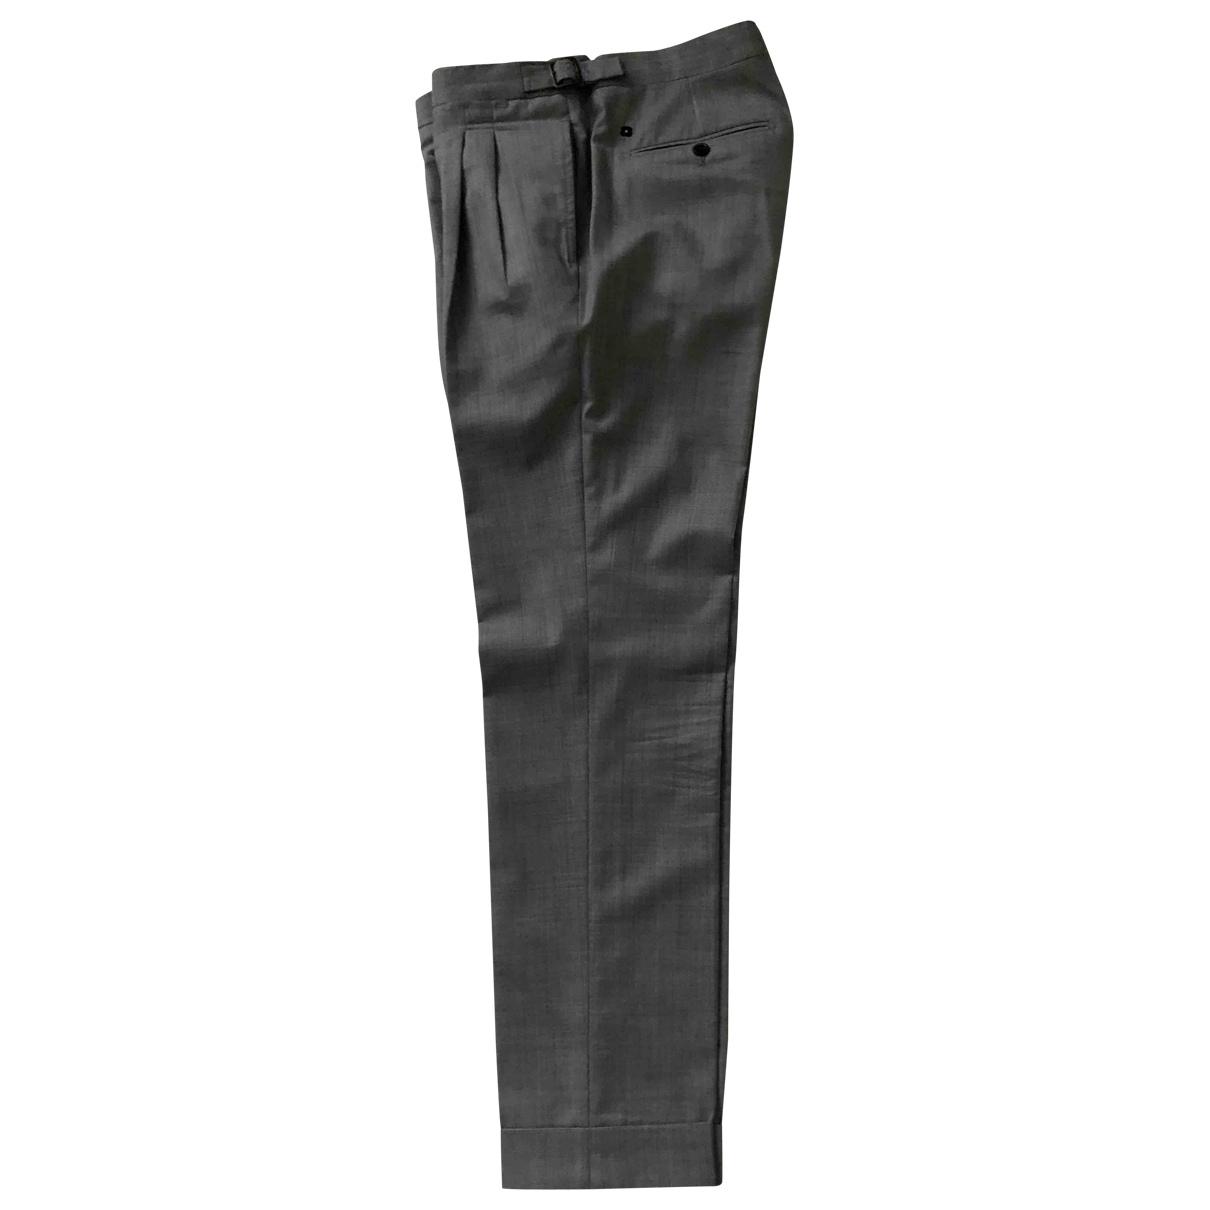 Pantalon de Lana Lardini